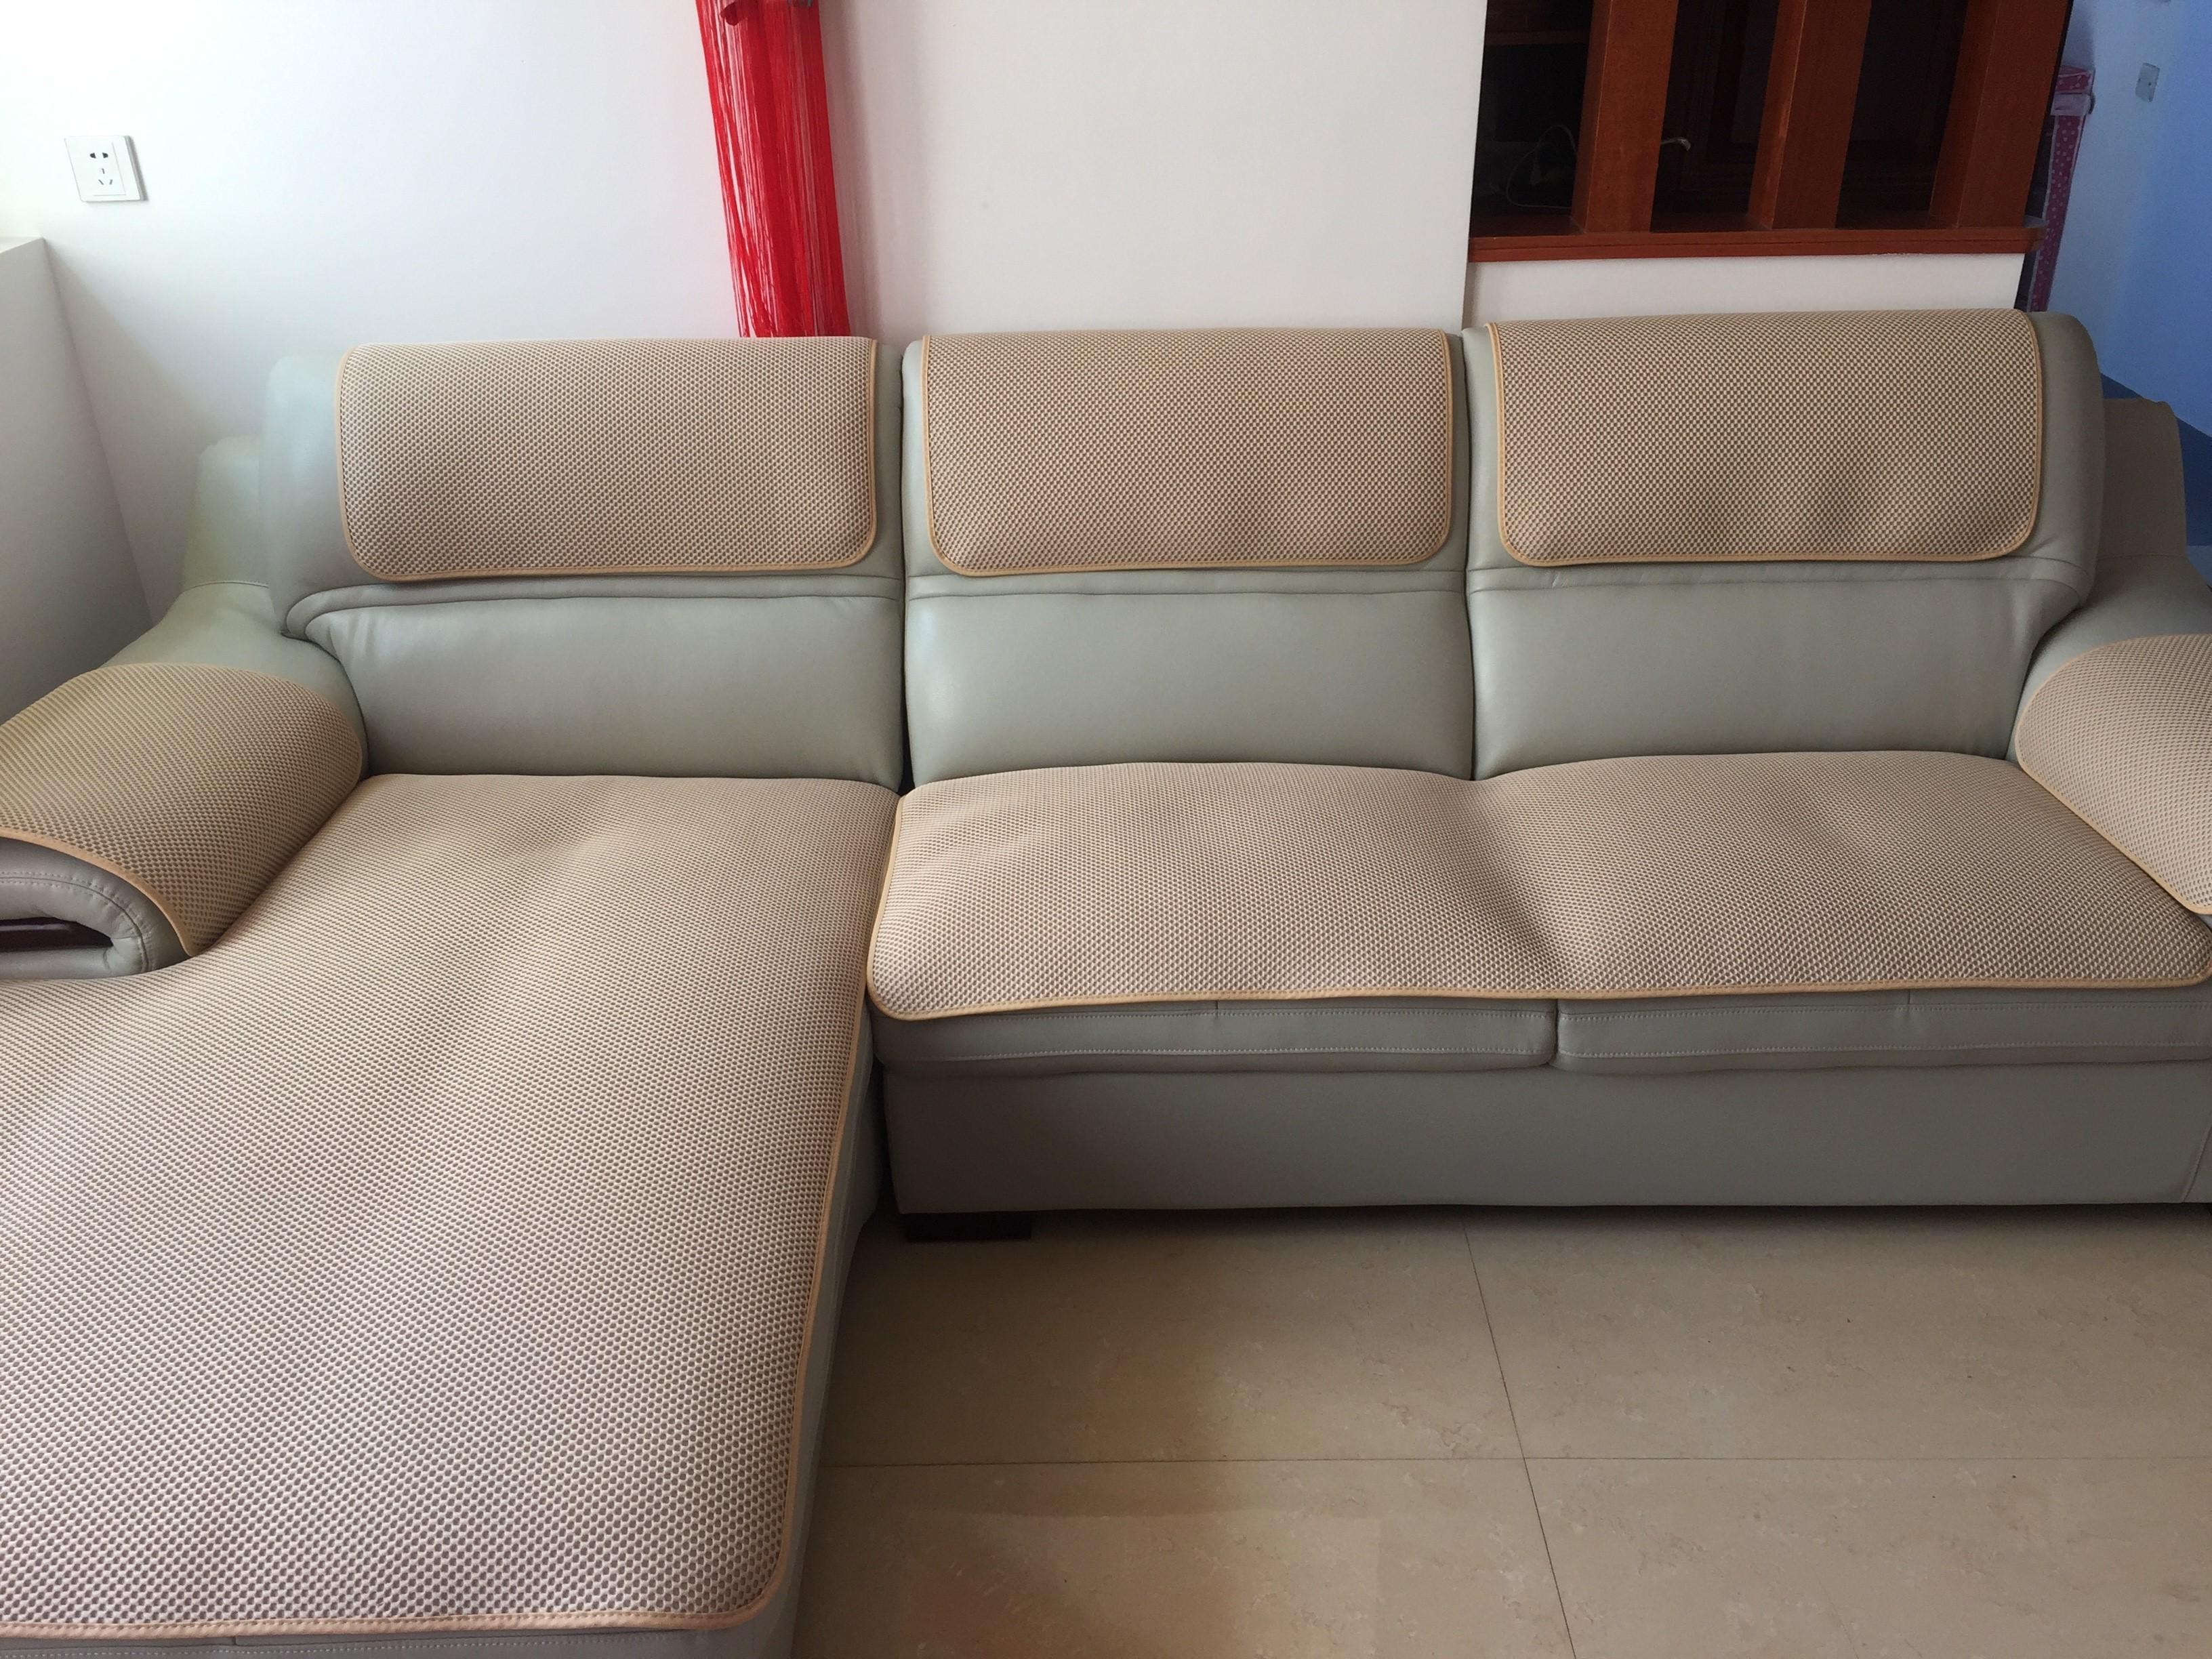 顾家门店家居同款真皮沙发坐垫定做防滑四季垫布艺包邮 3D三明治